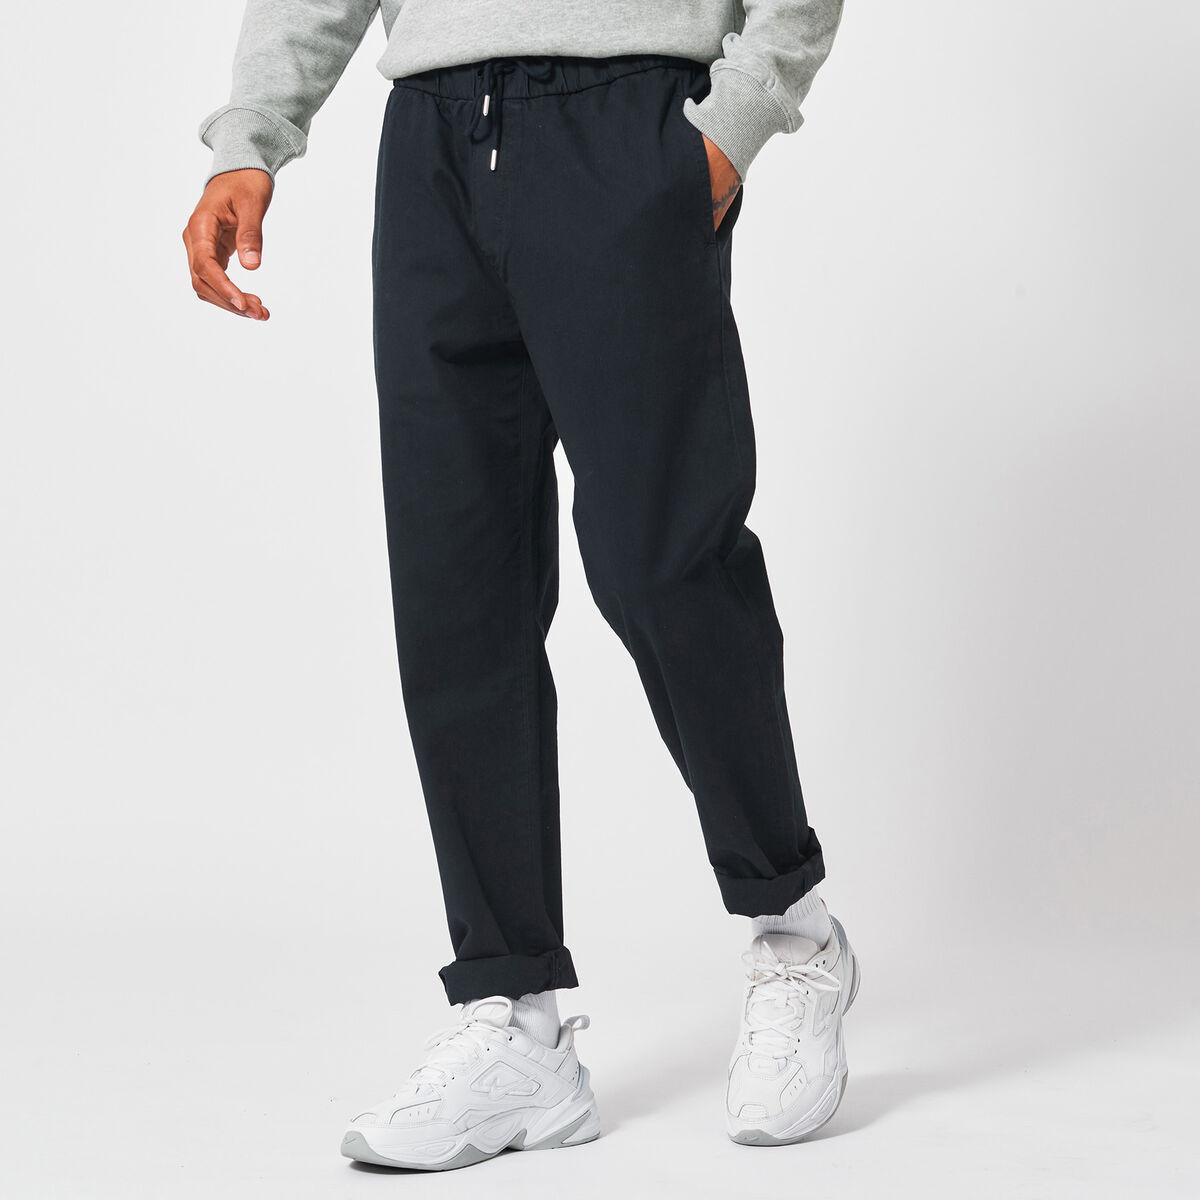 Pantalon Press